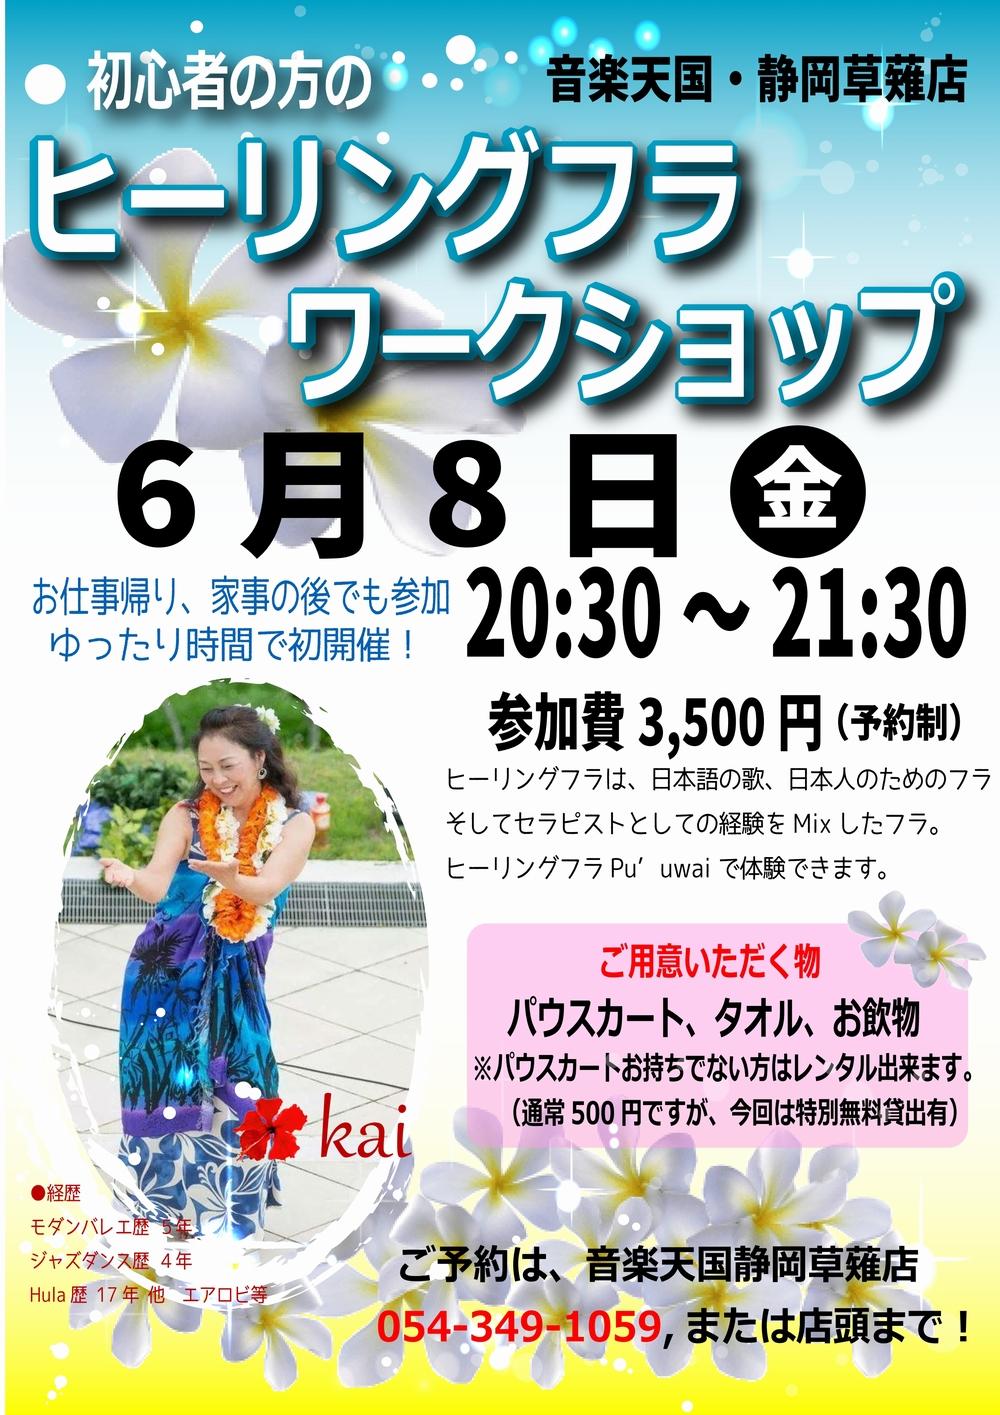 【ワークショップ・ヒーリングフラ】静岡草薙店6月8日(金)開催